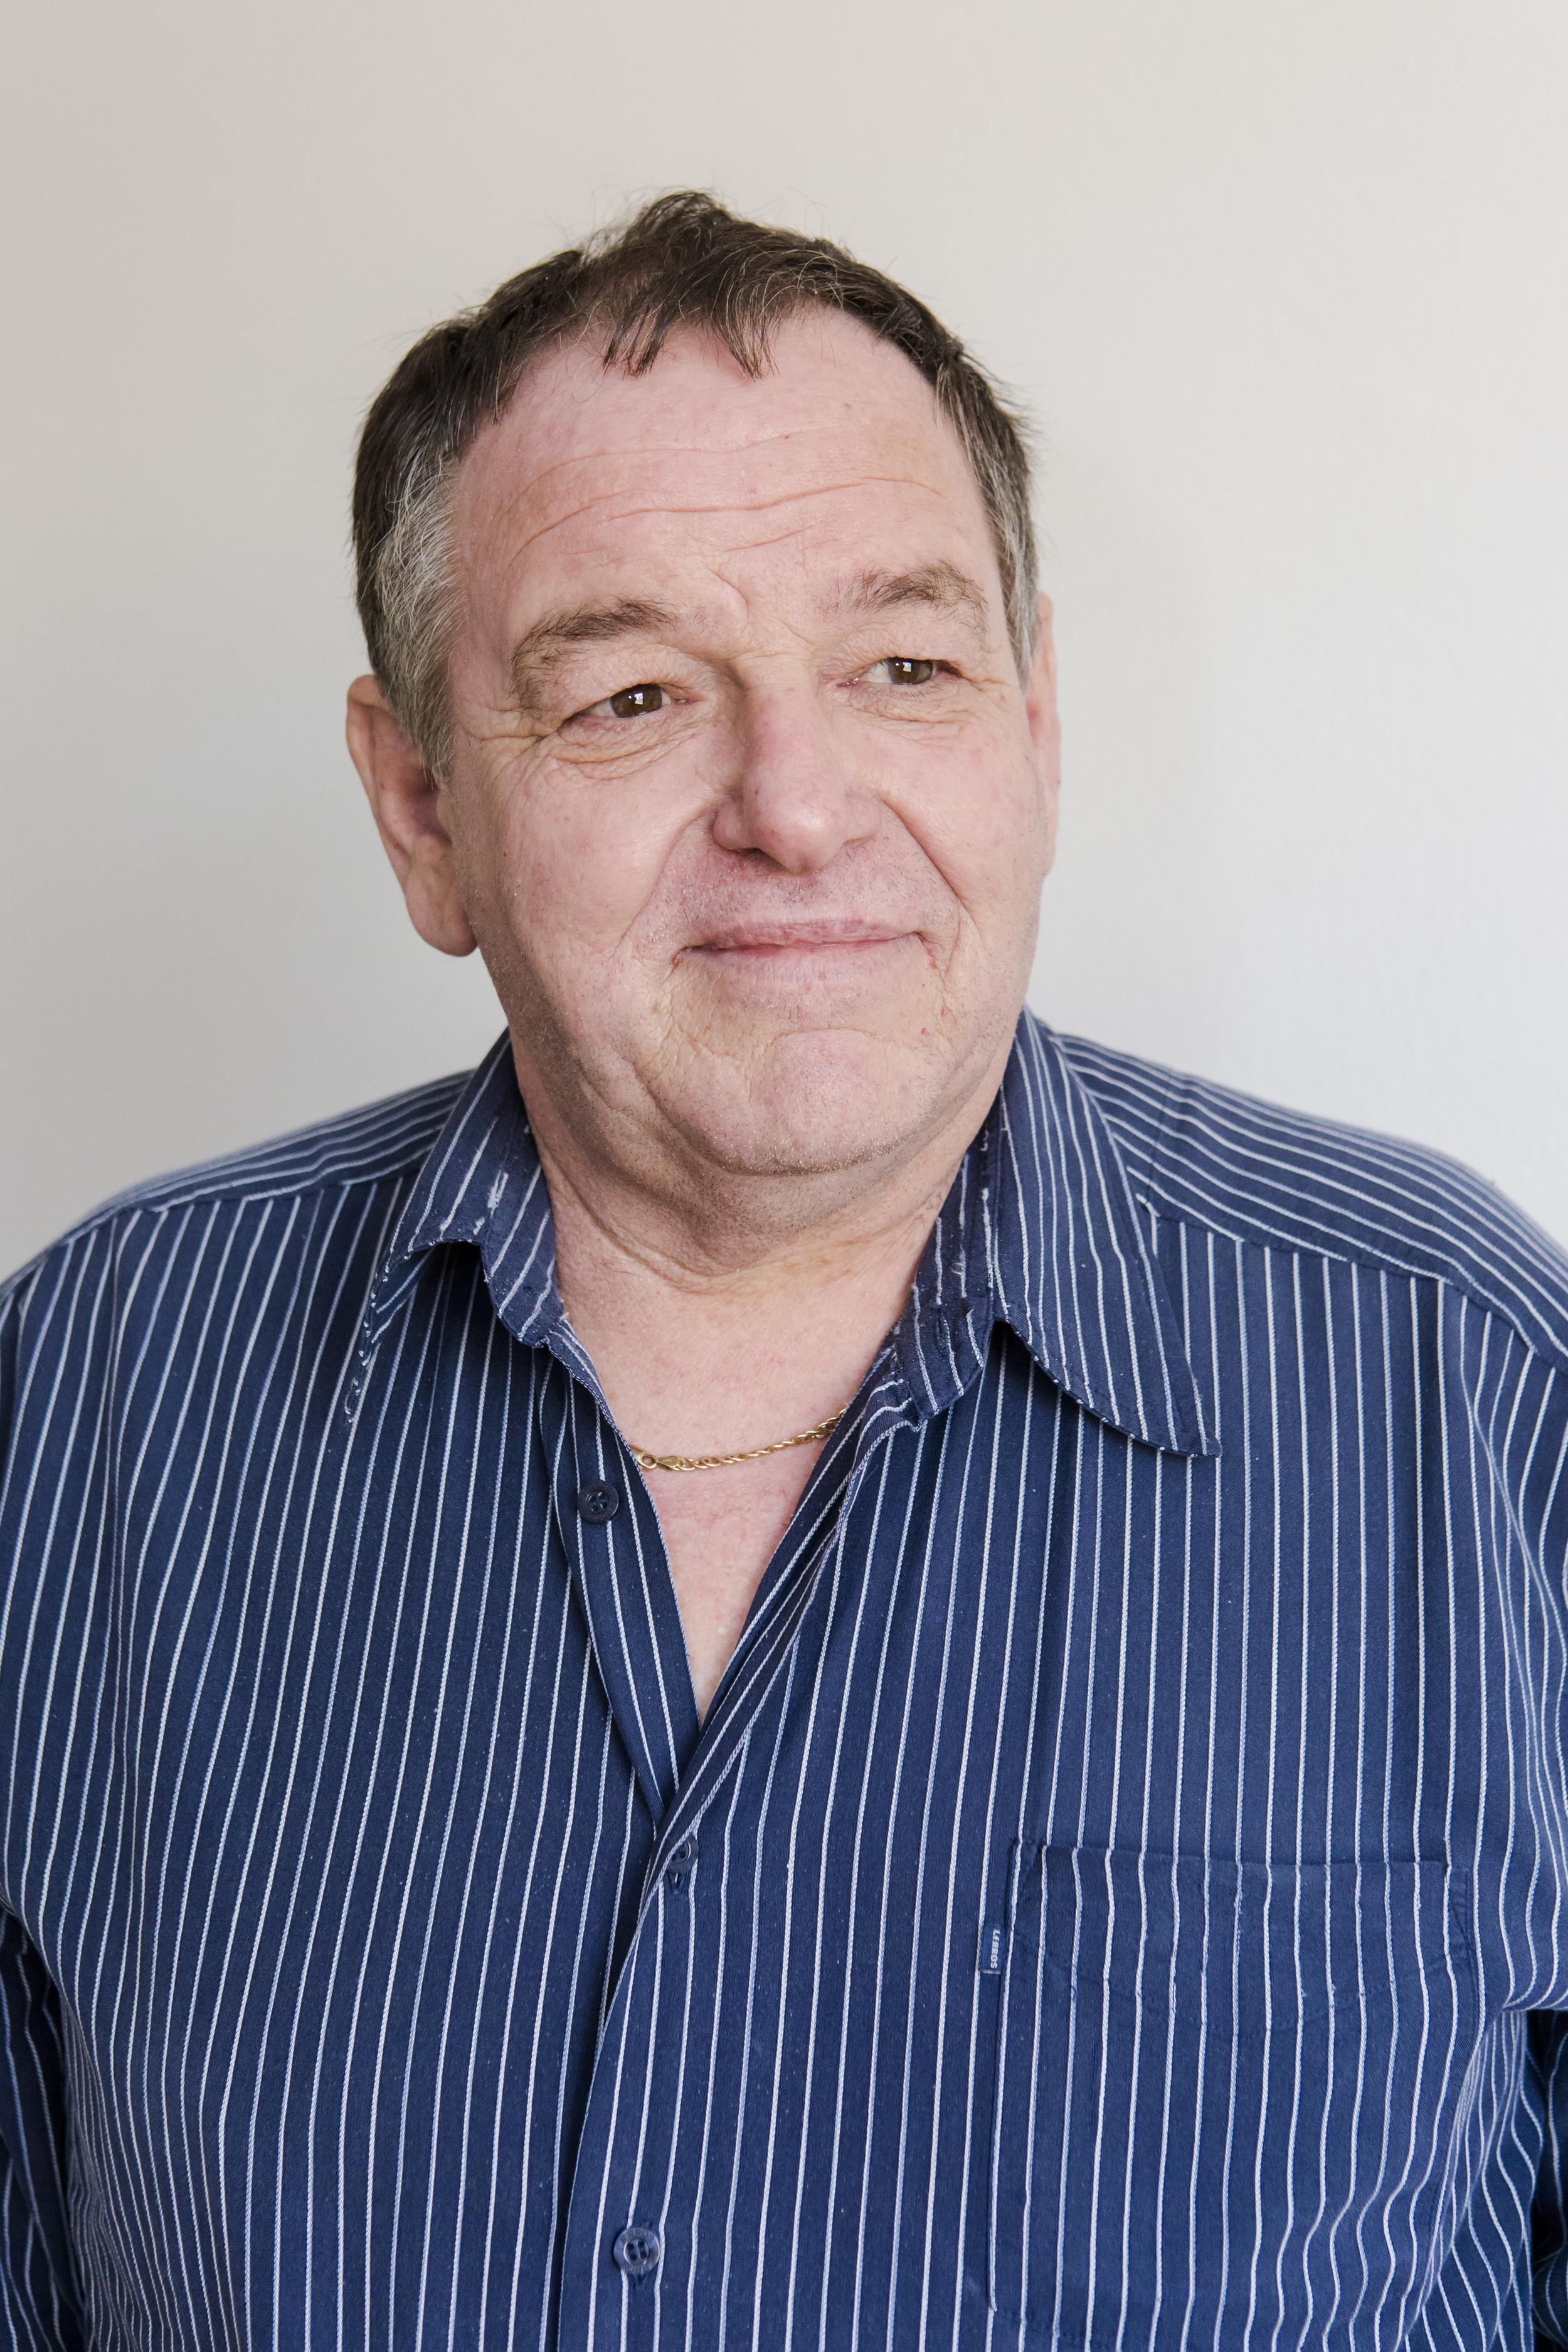 Richard jacob, Angestellter bei der Stadt Hanau